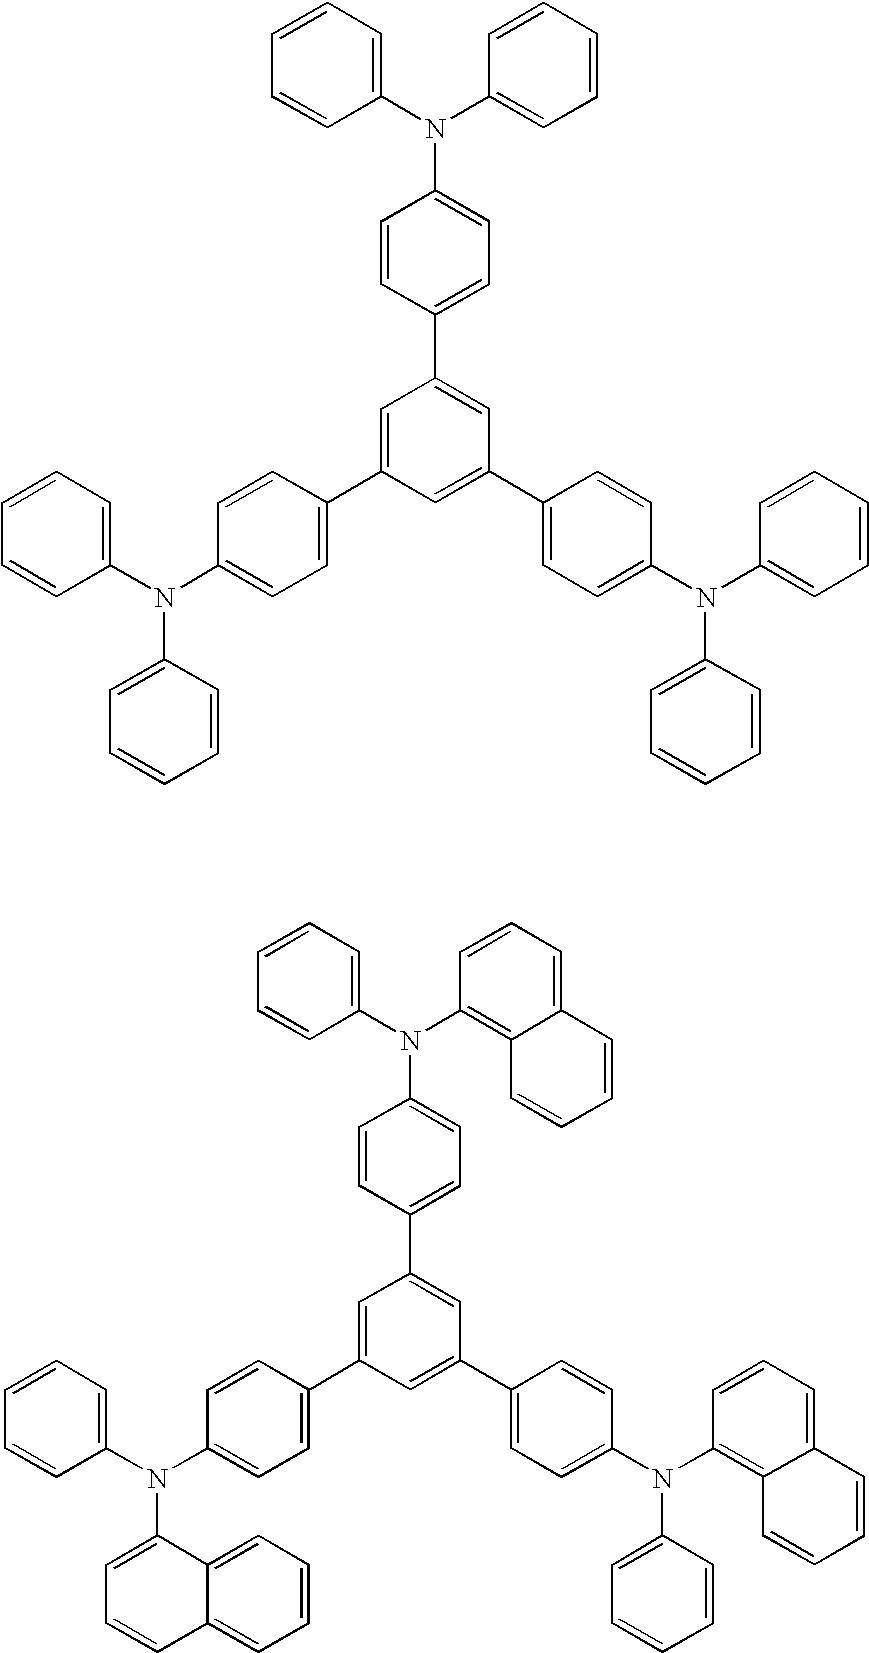 Figure US20080238300A1-20081002-C00003